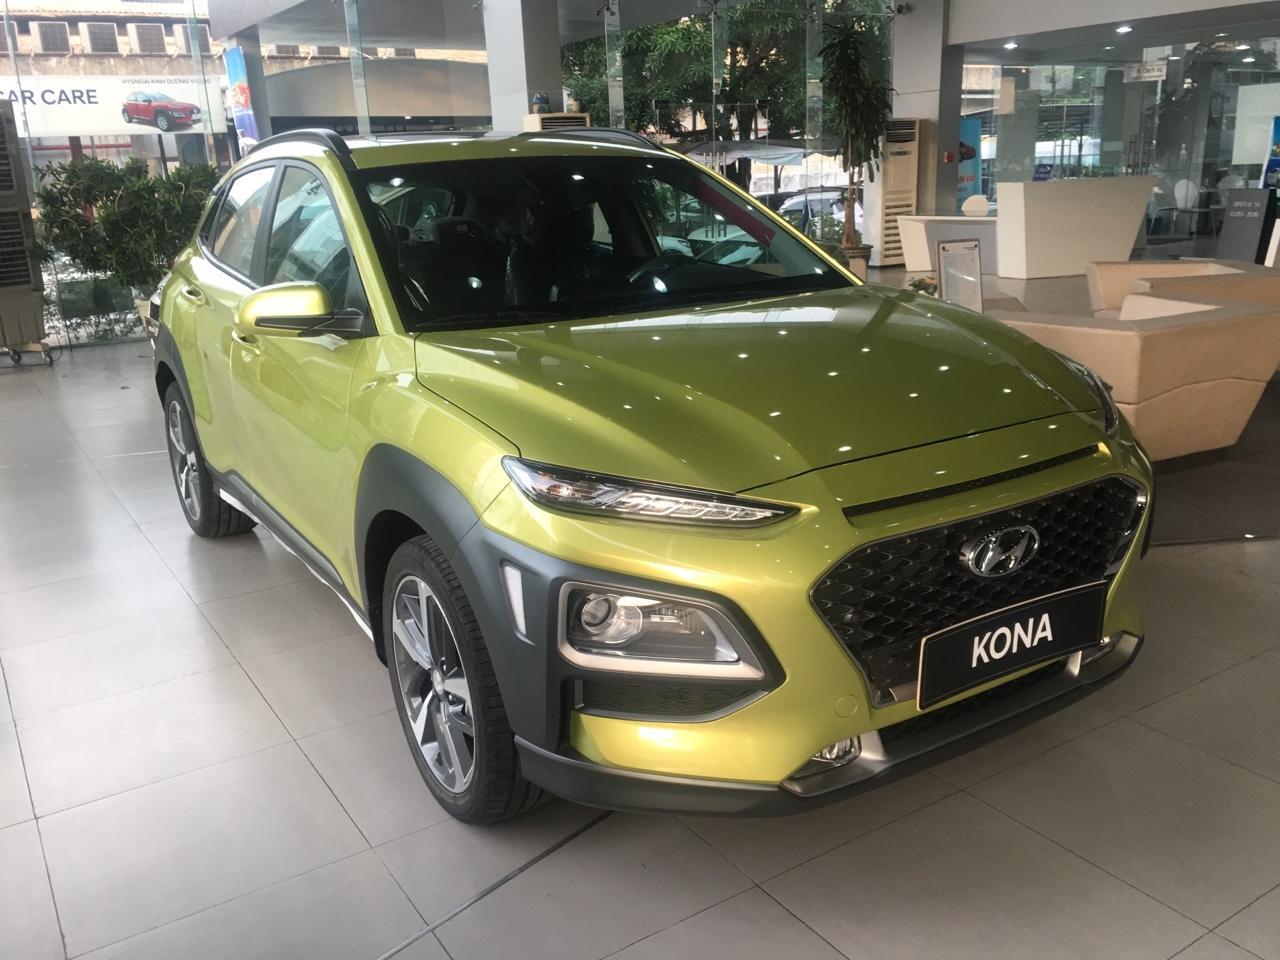 Mau xe Hyunda Kona 2019 anh 2 - Hyundai Kona mới: giá xe và khuyến mãi tháng [hienthithang]/[hienthinam]